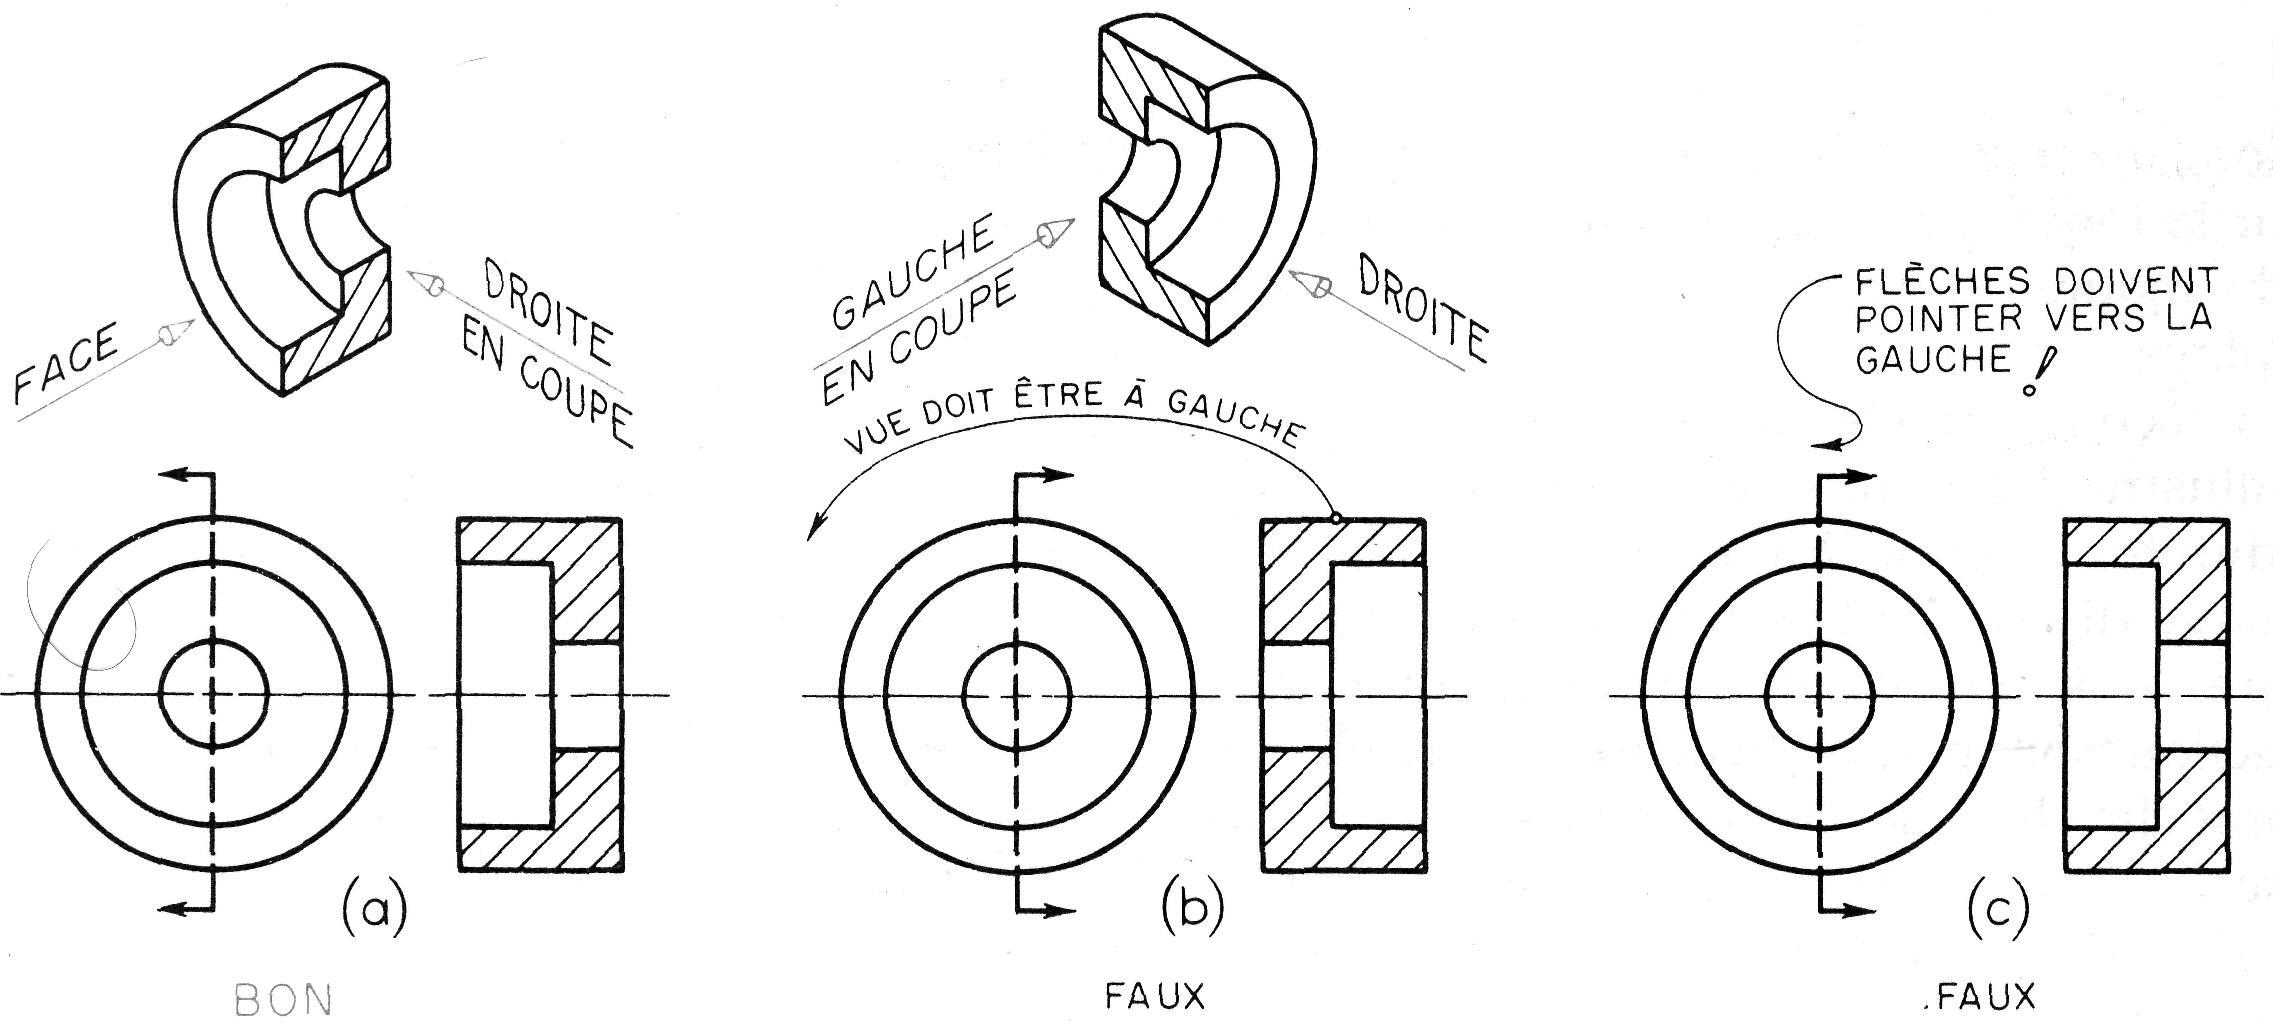 Plan de coupe - Coupe et section dessin technique ...